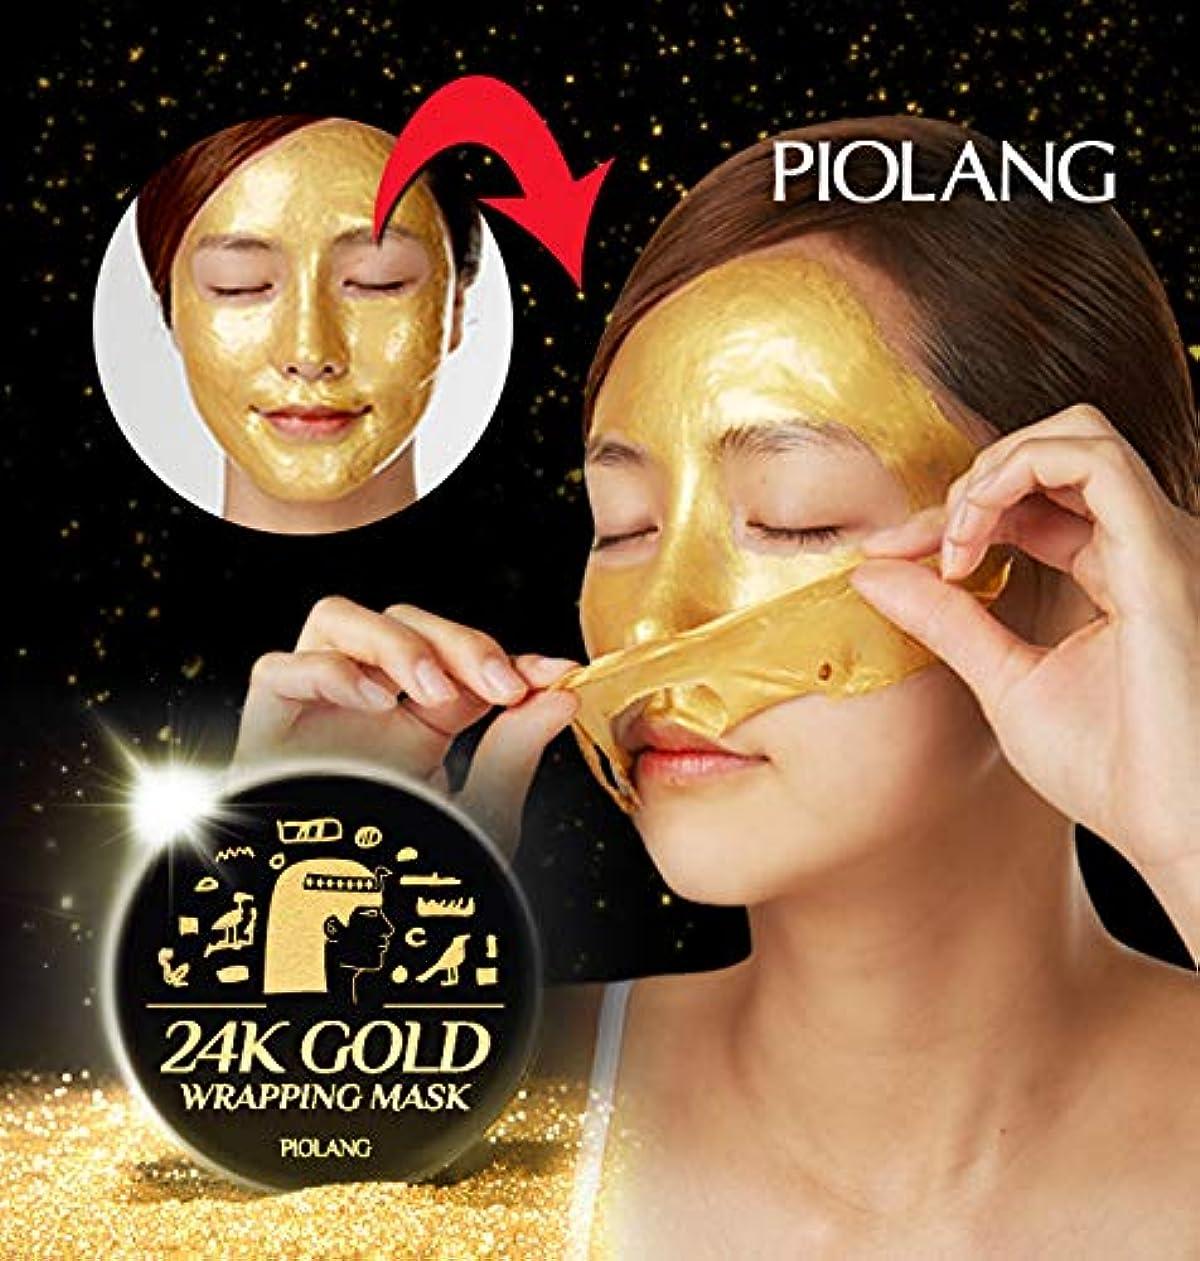 秘密の逃れる些細なEsthetic House[エステティックハウス] ピオラン(Piolang) 24Kゴールドラッピングマスク80ml (しわケアパックをはがす) / 24K Gold Wrapping Mask